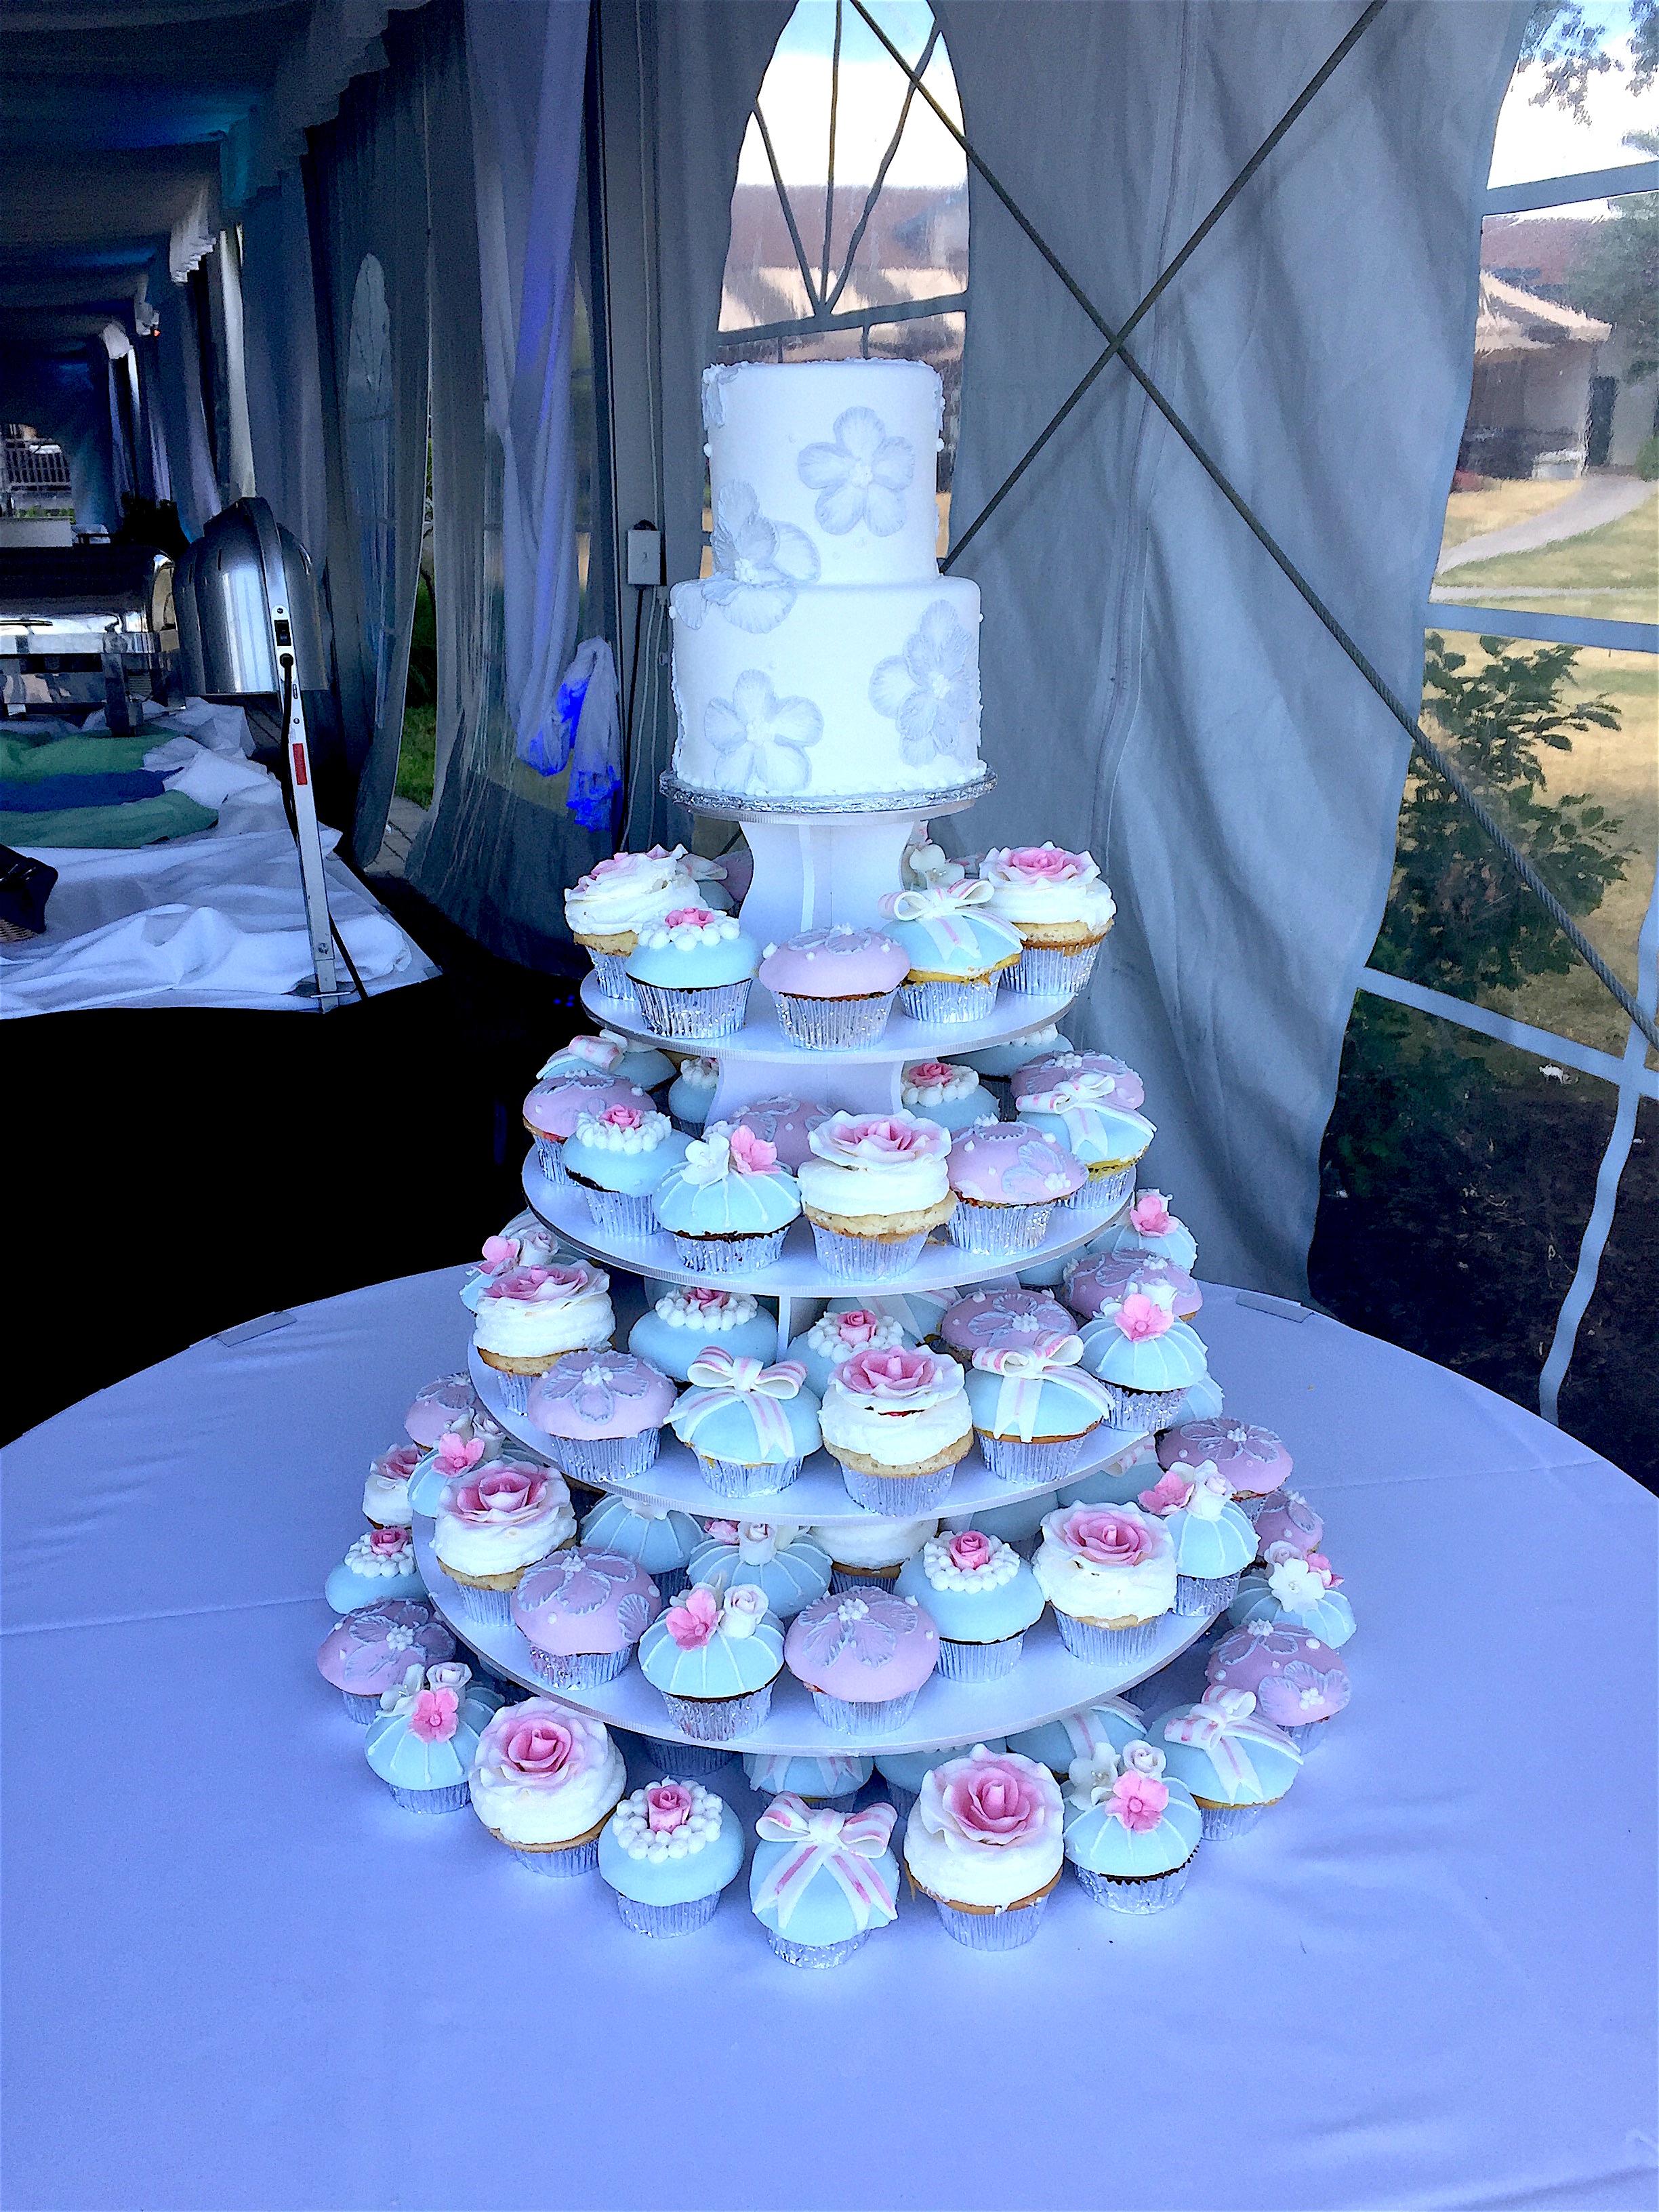 Wedding Cake wCupcakes27 Display